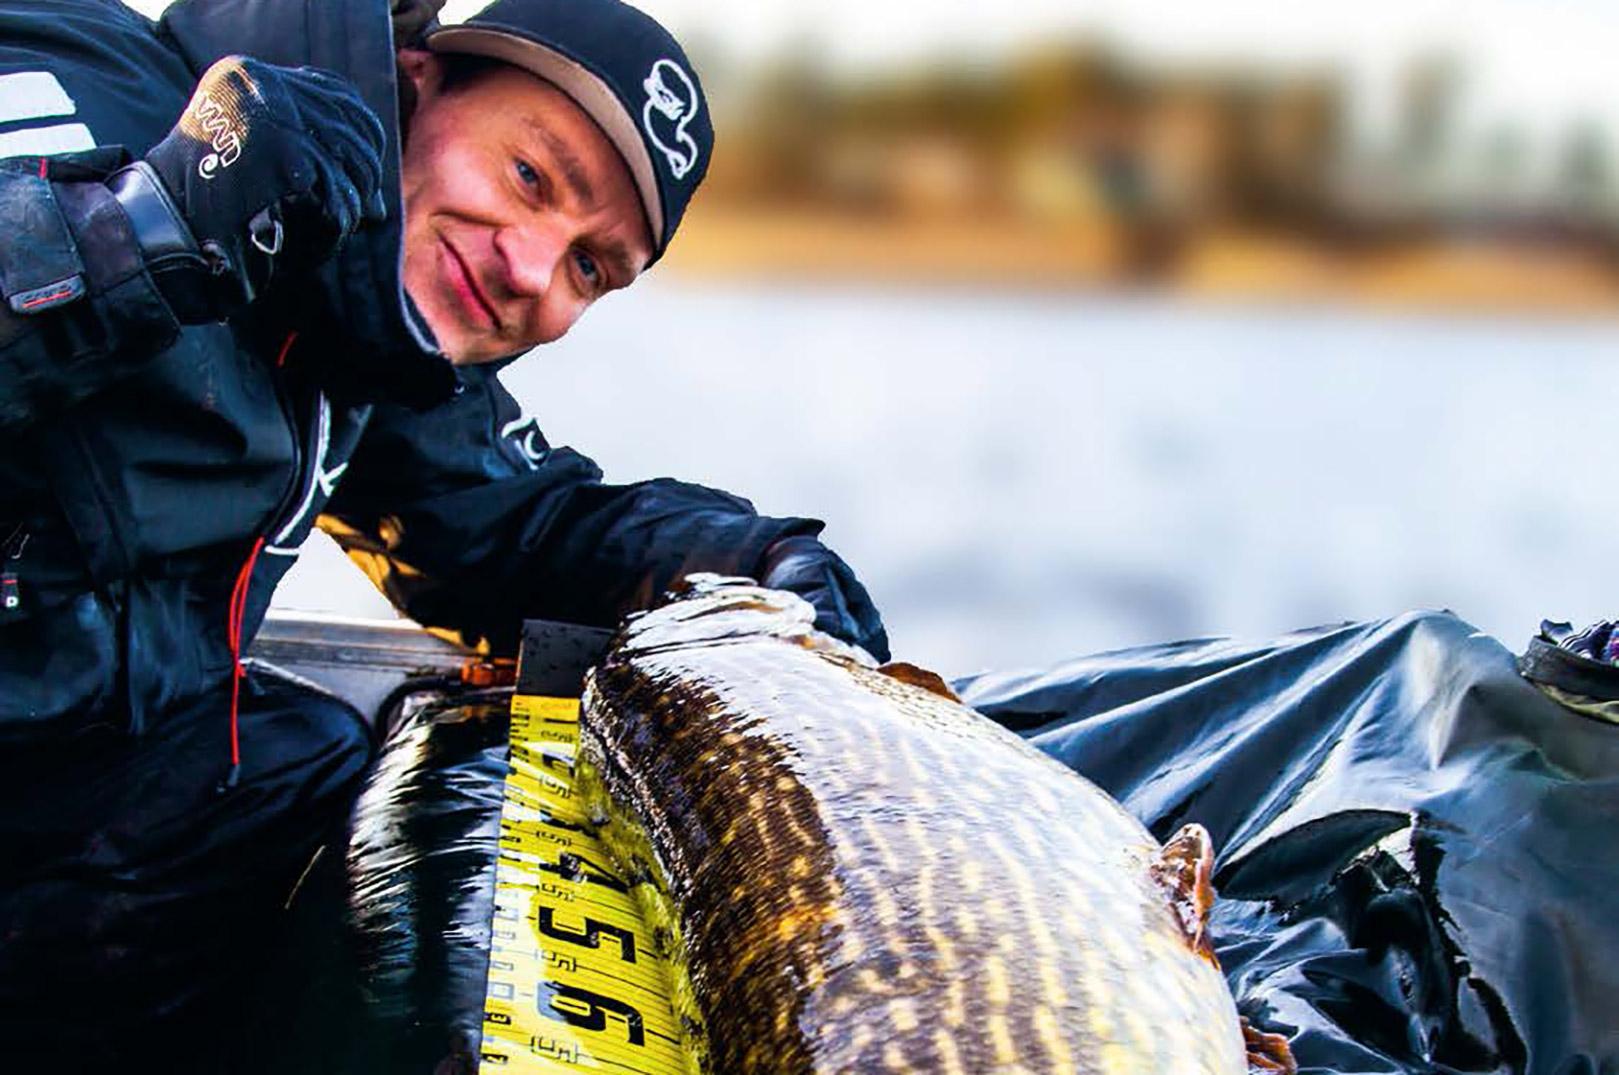 Flot gedde fanget i nærheden af et åudløb en sen eftermiddag. Det kan bestemt godt betale sig at følge byttefiskenes vandringer.